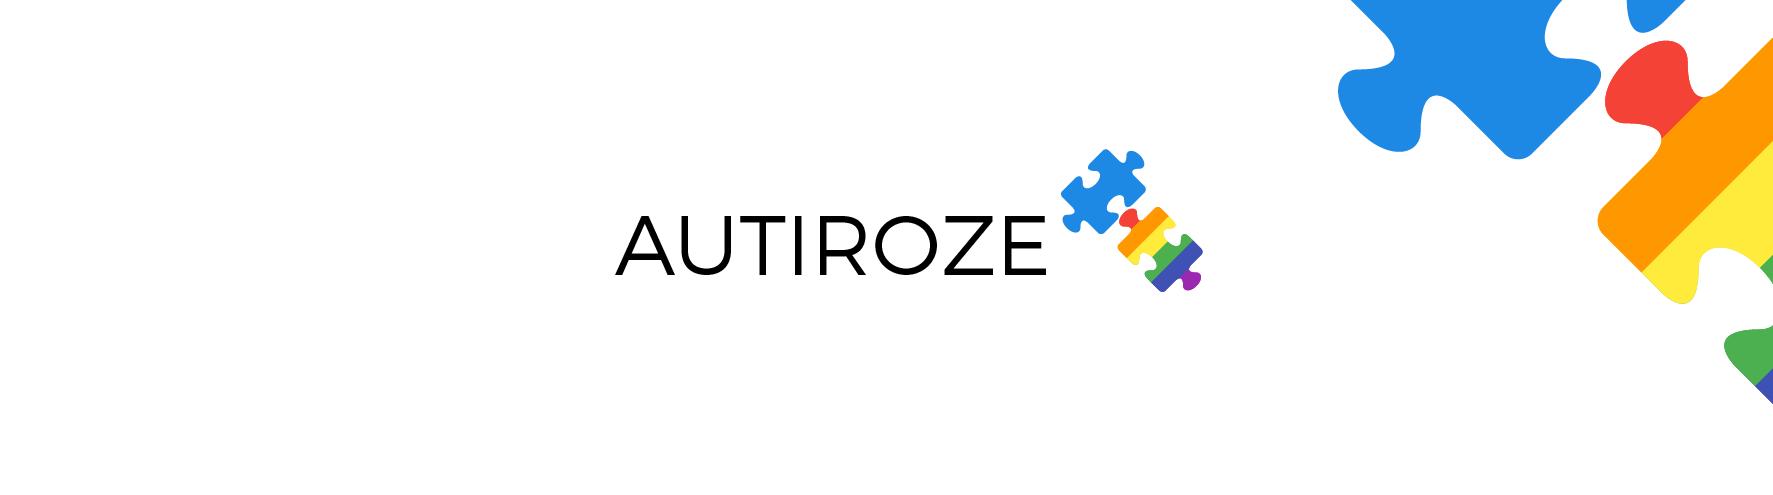 Autiroze banner neutraal